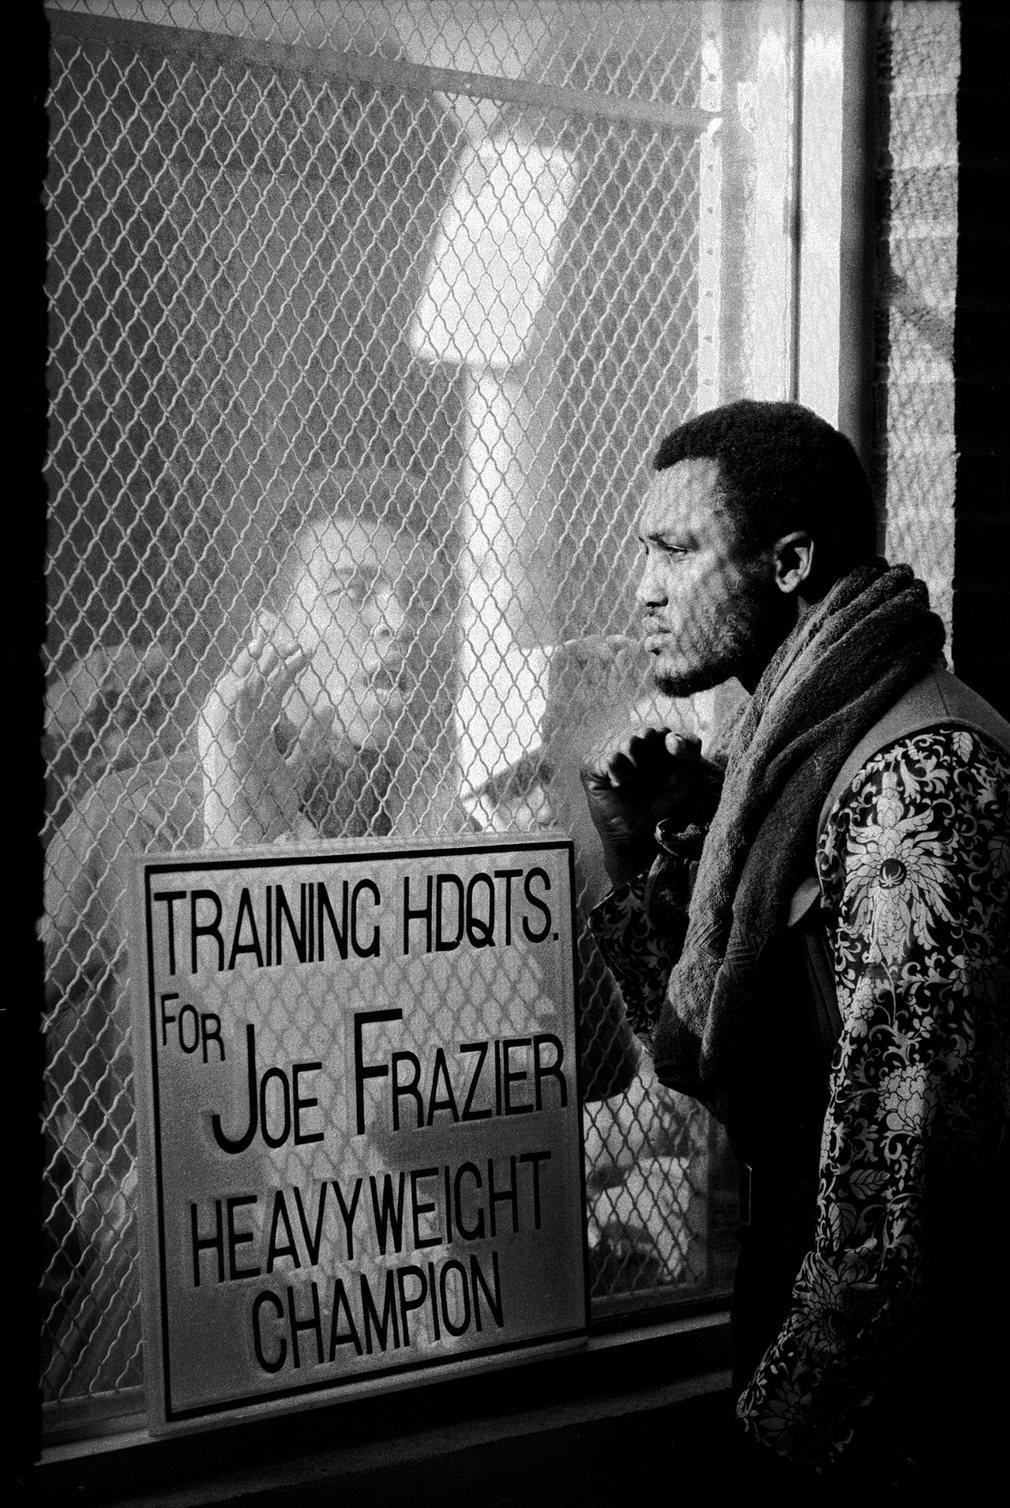 2. Али часто провоцировал и выводил своих соперников на эмоции. На фото Али пытается спровоцировать Джо Фрейзера.